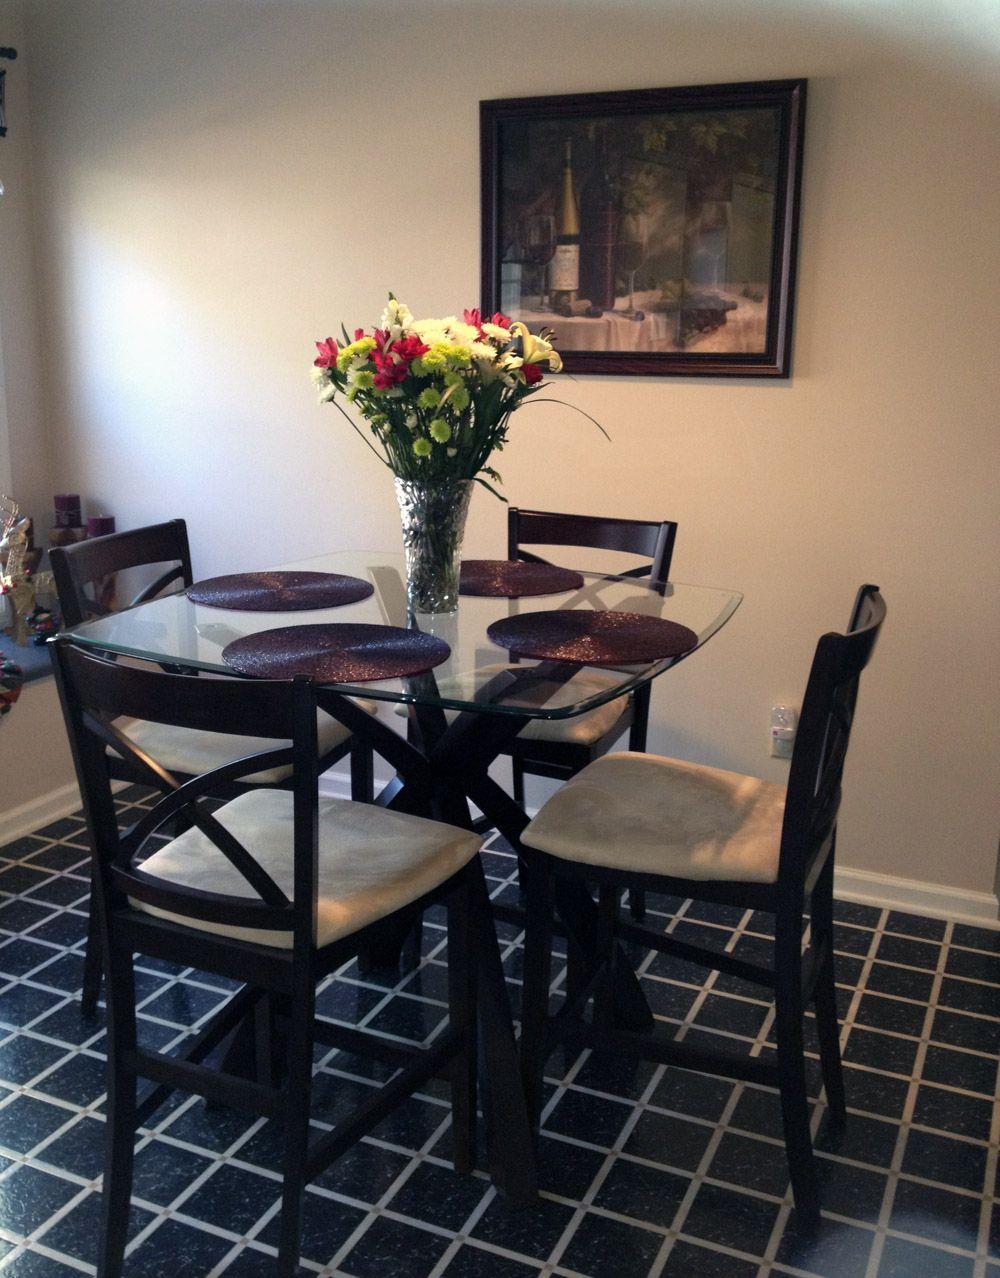 Small dining table hogar pinterest espacios - Comedores pequenos ikea ...